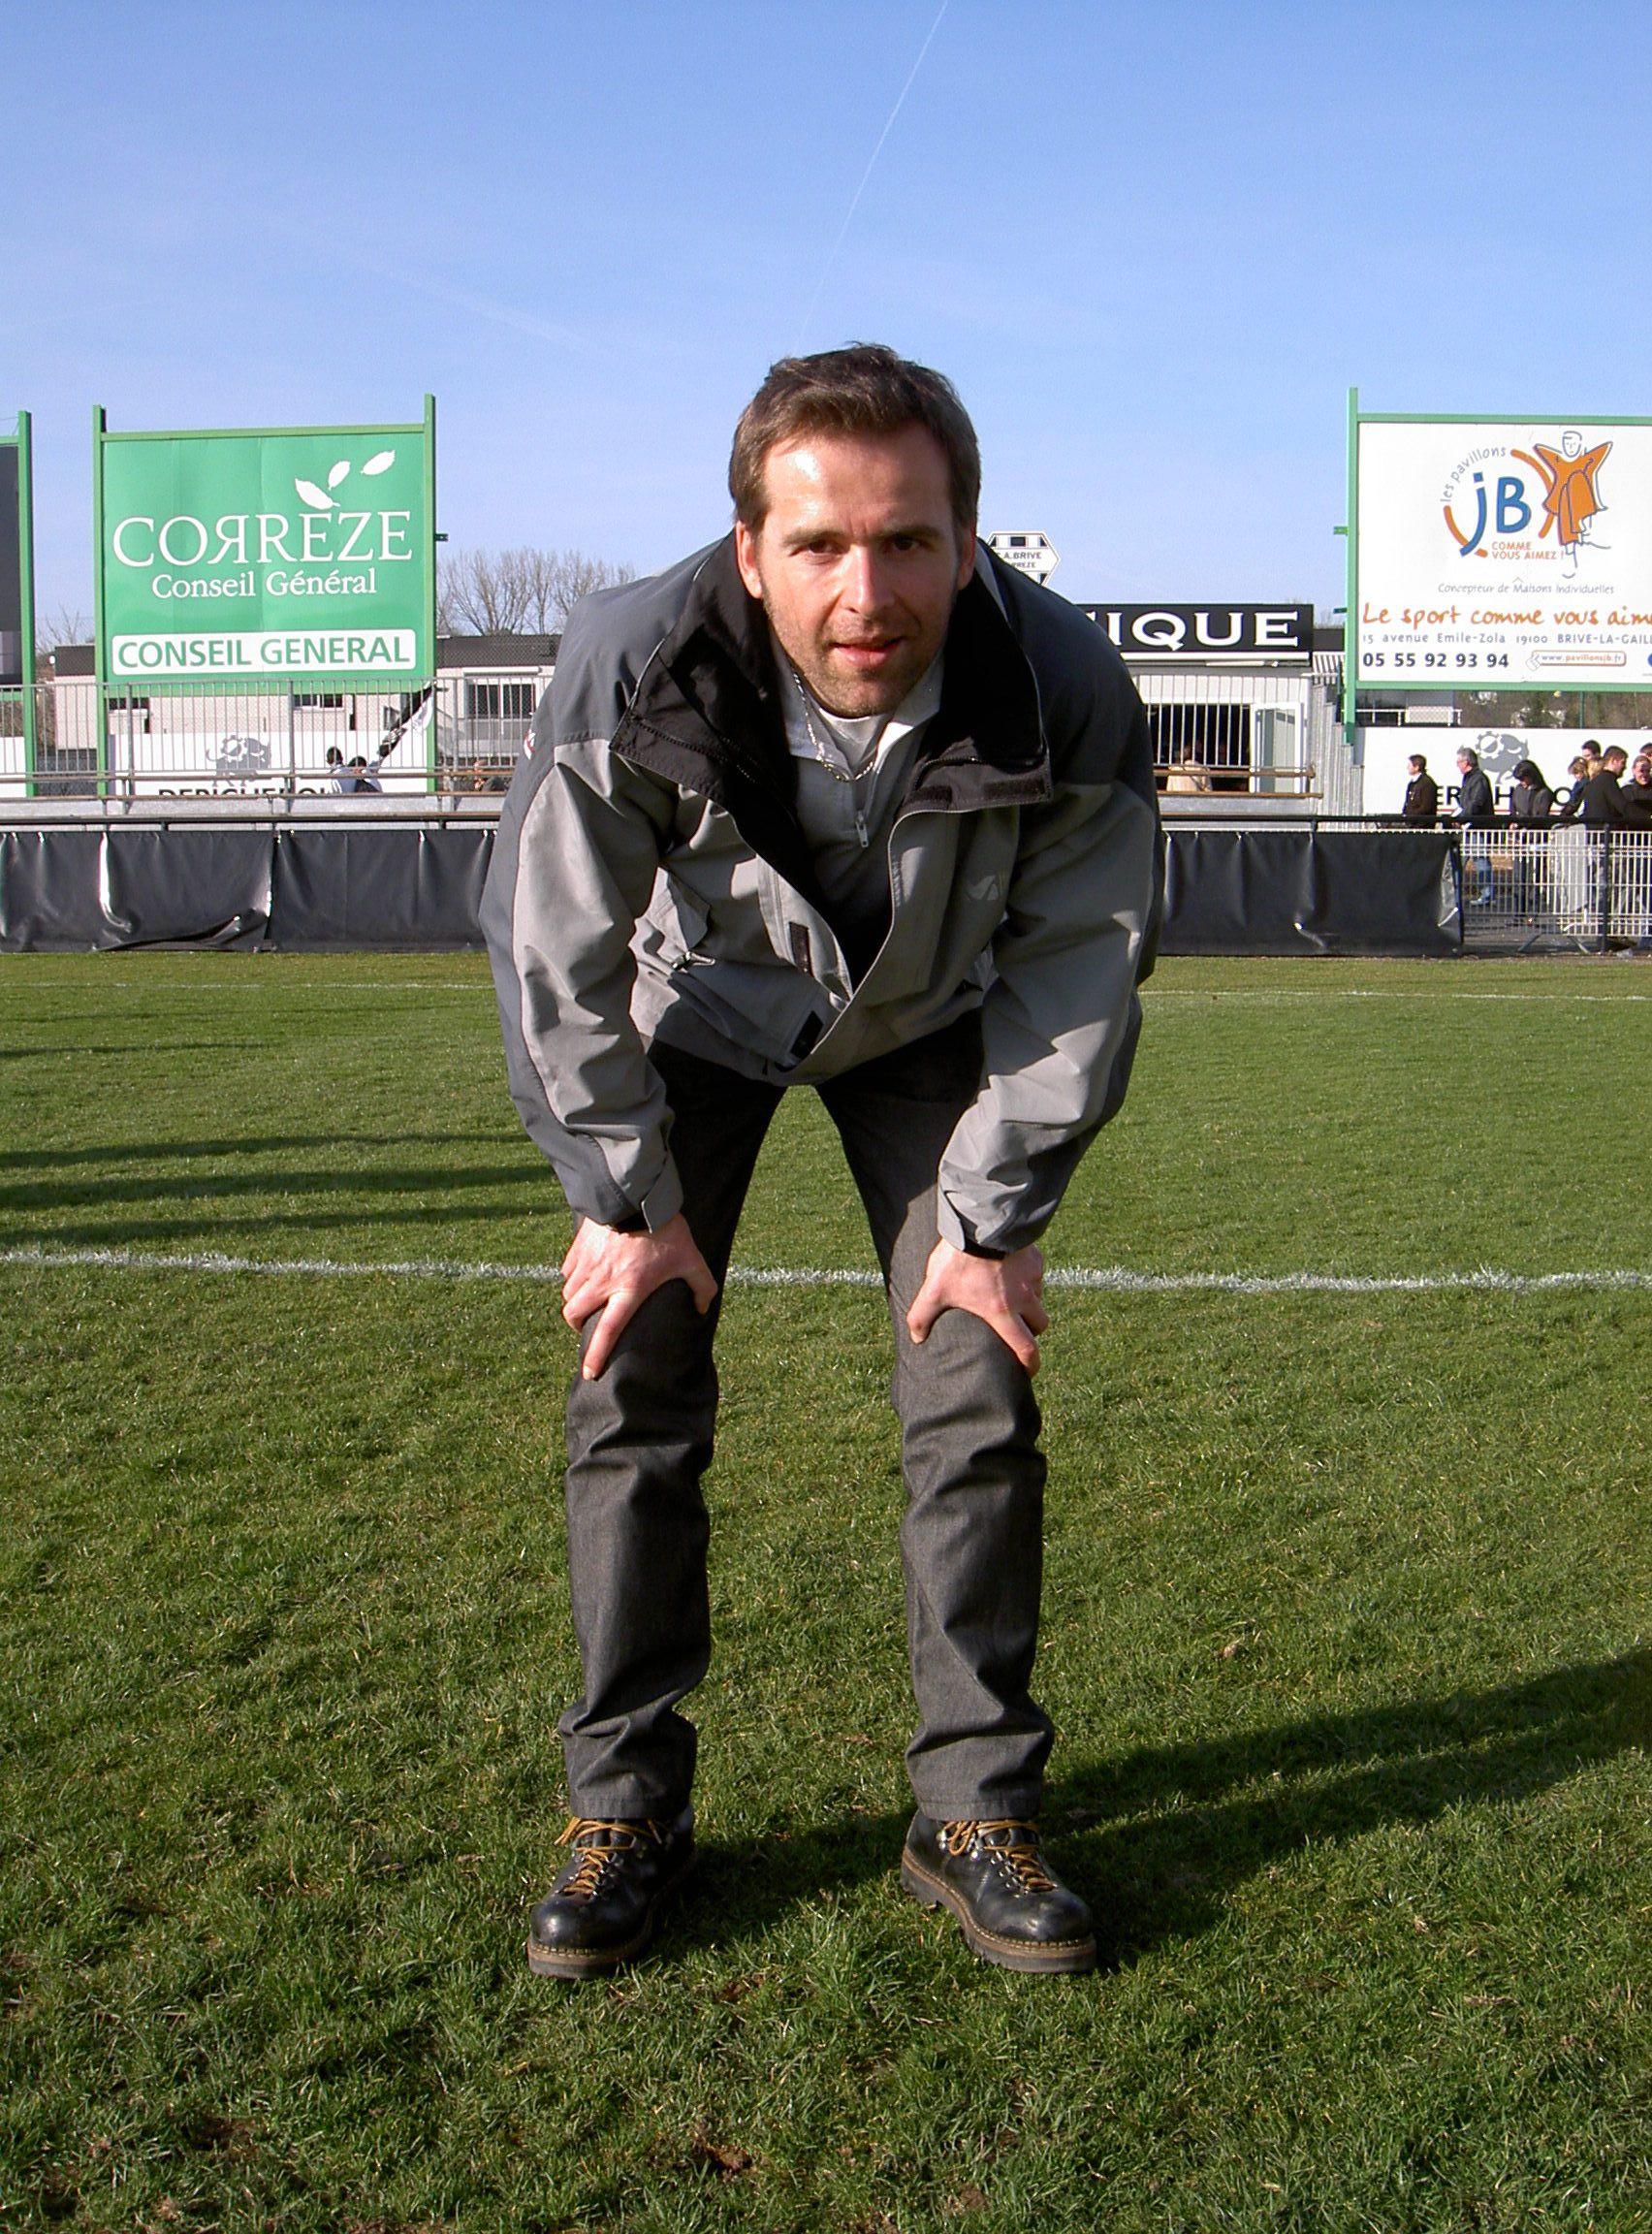 Sébastien Vidal